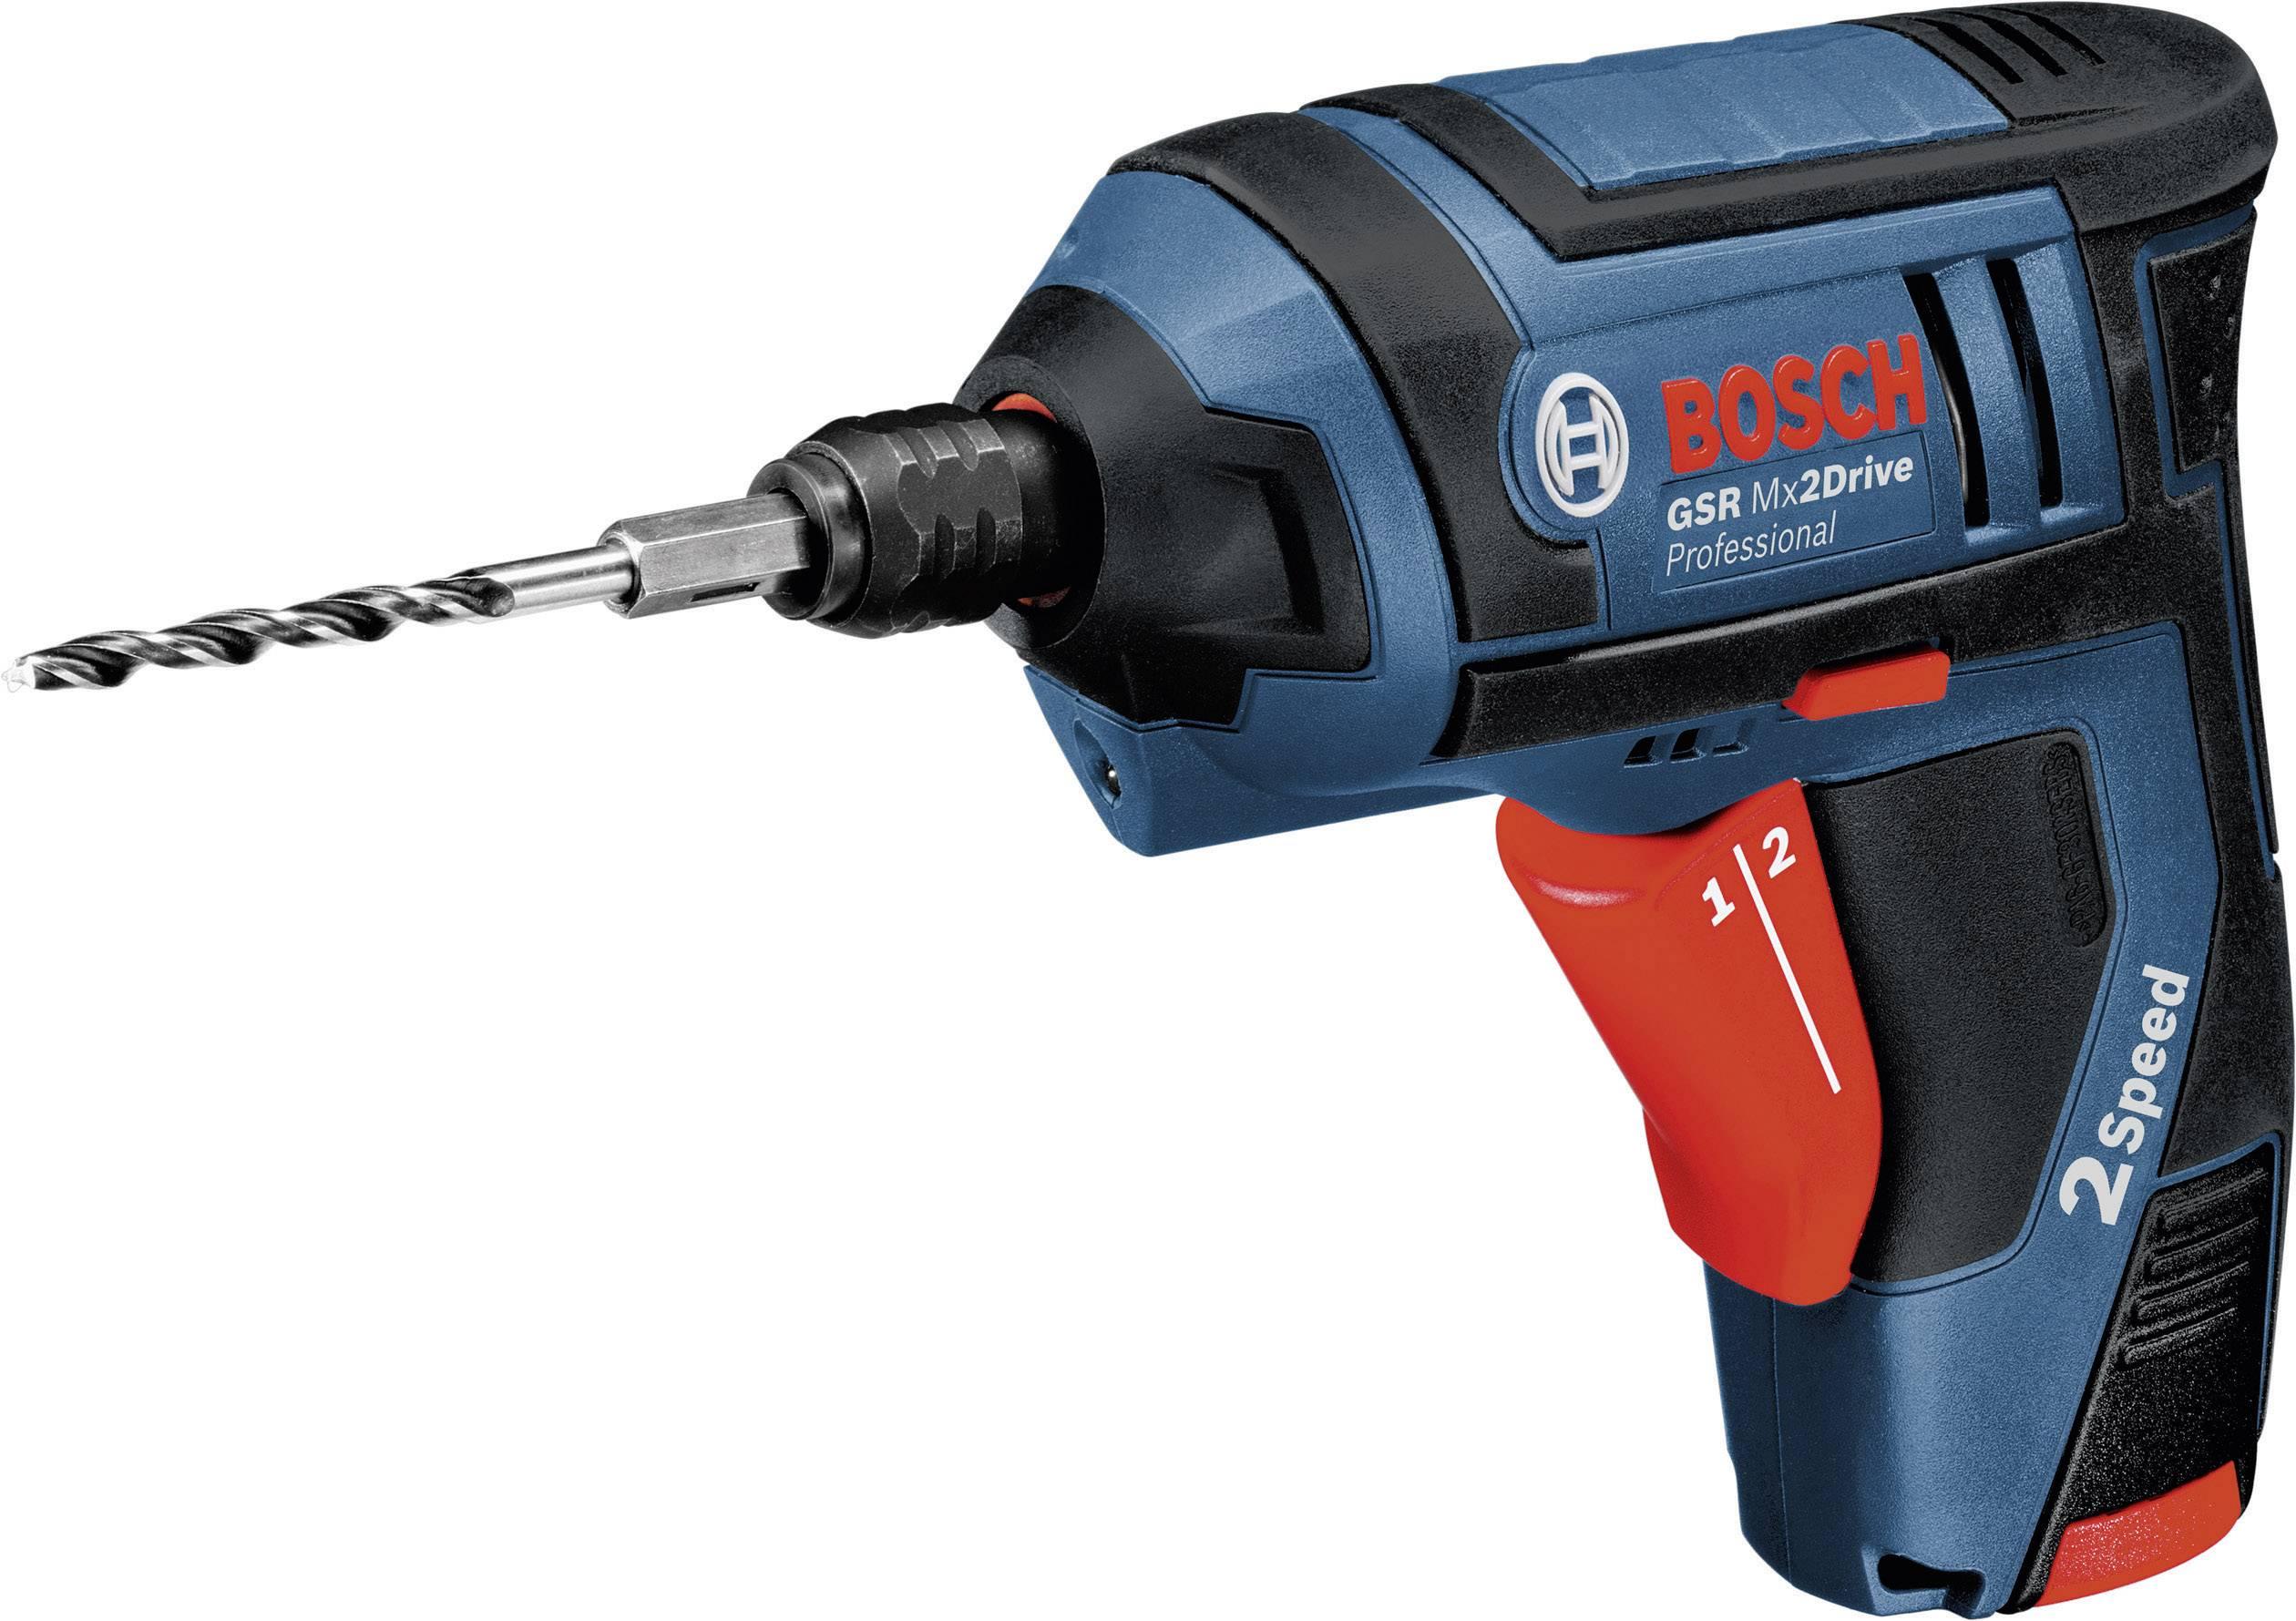 Fantastisk Bosch Professional GSR MX2Drive Skruvdragare batteri Inkl. 2x FW-05